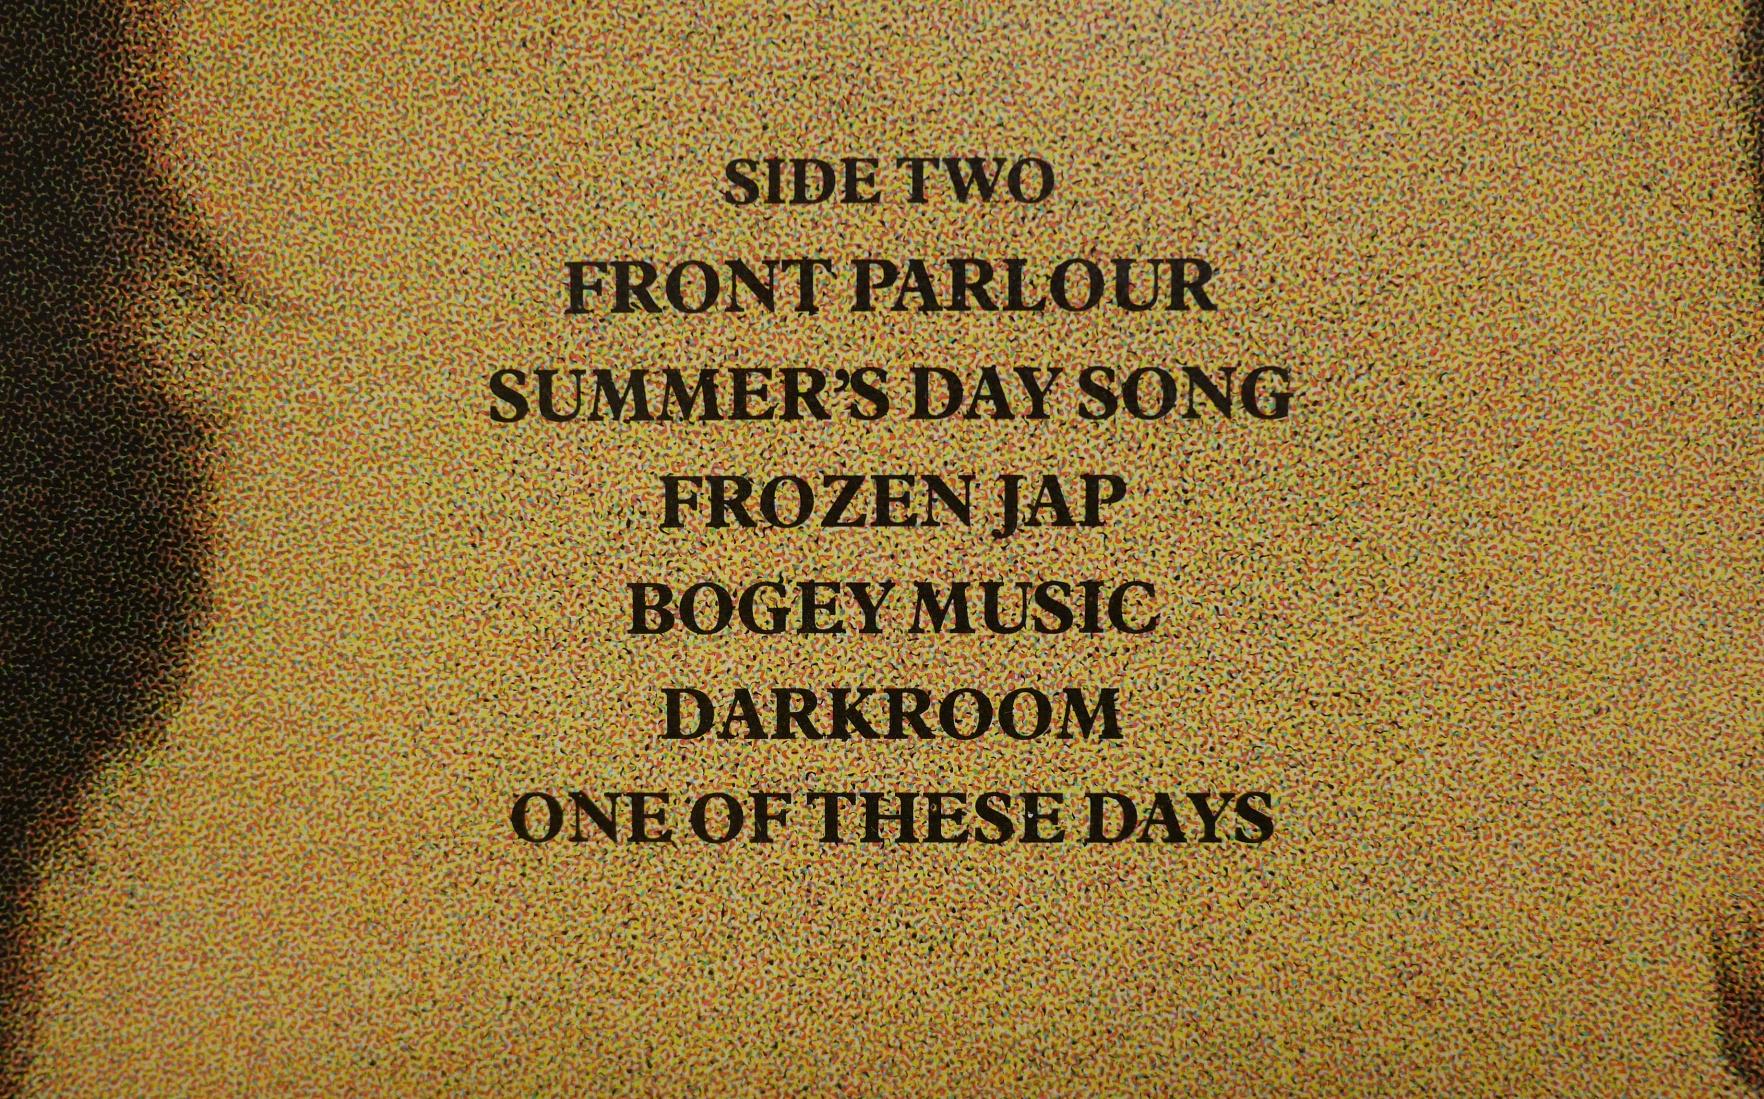 発売当時の『マッカートニーII』ジャケット裏面。SideTwoには「FROZEN JAP」という曲目が。